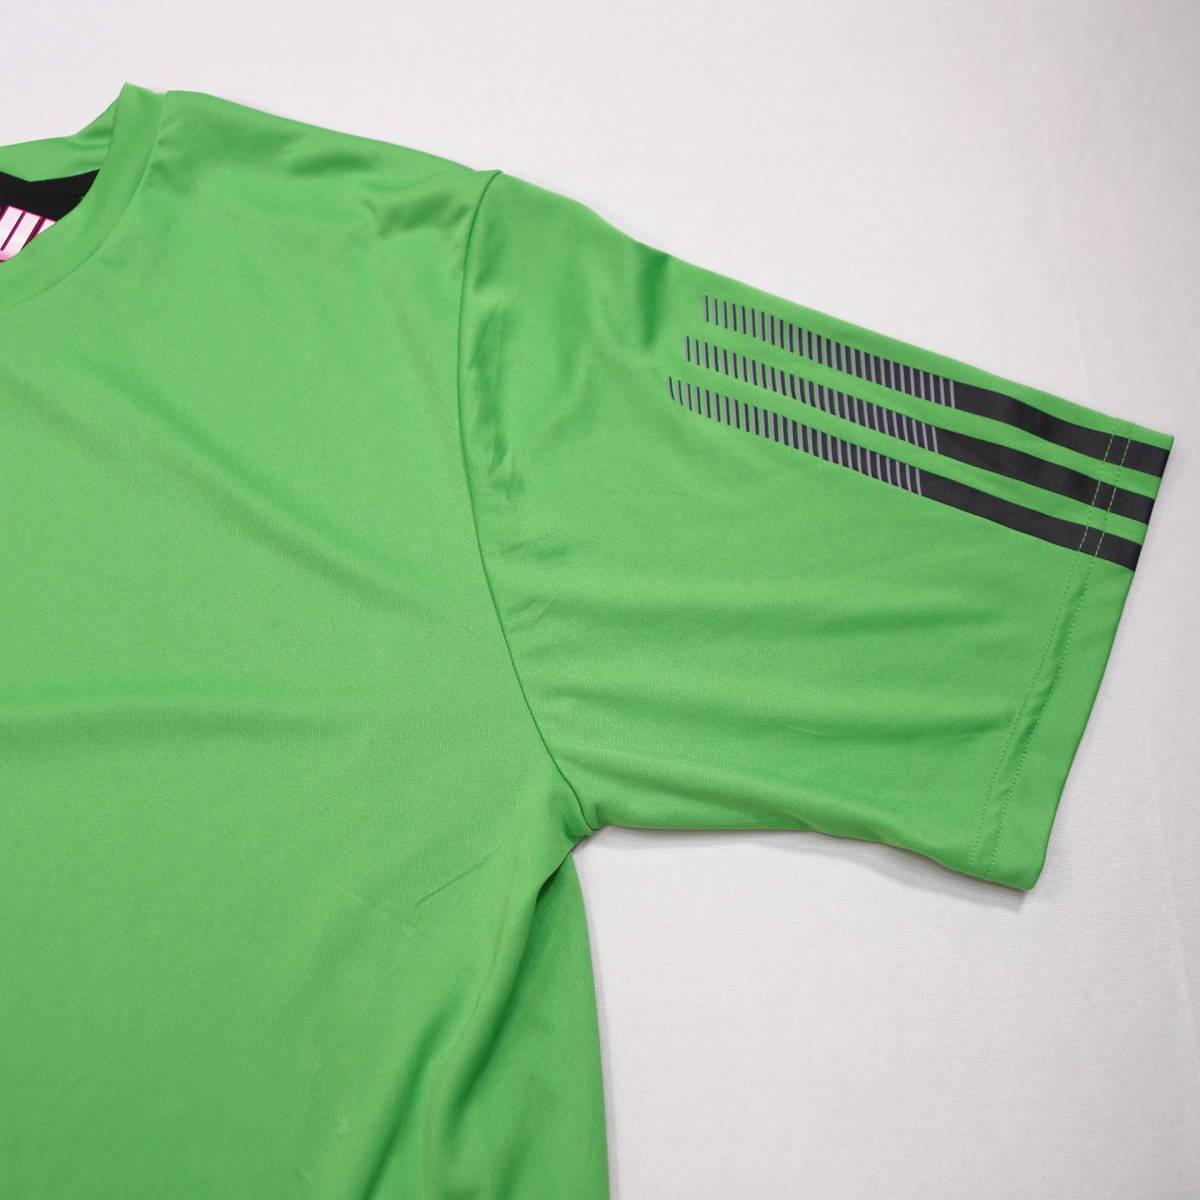 アディダス adidas Tシャツ 半袖 メンズ M クルーネック ワンポイントロゴ 三本ライン スポーツ カジュアル USA直輸入 古着 MAD-1-1-0037_画像7